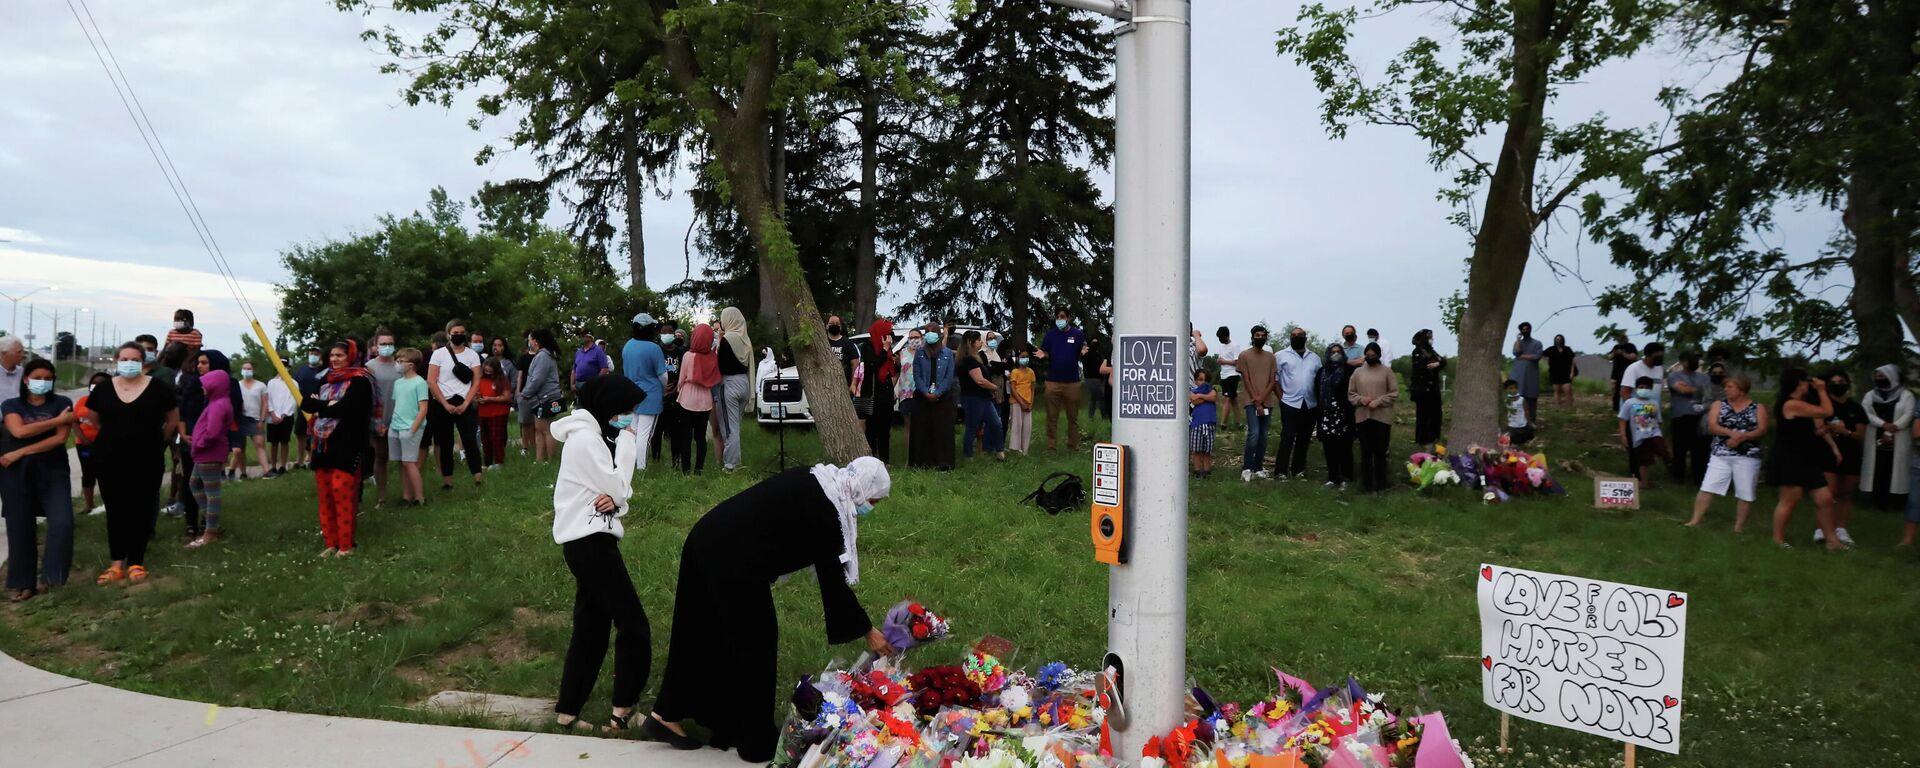 Gedenkstätte für Opfer eines rassistischen Angriffs in Ontario, Kanada - SNA, 1920, 08.06.2021